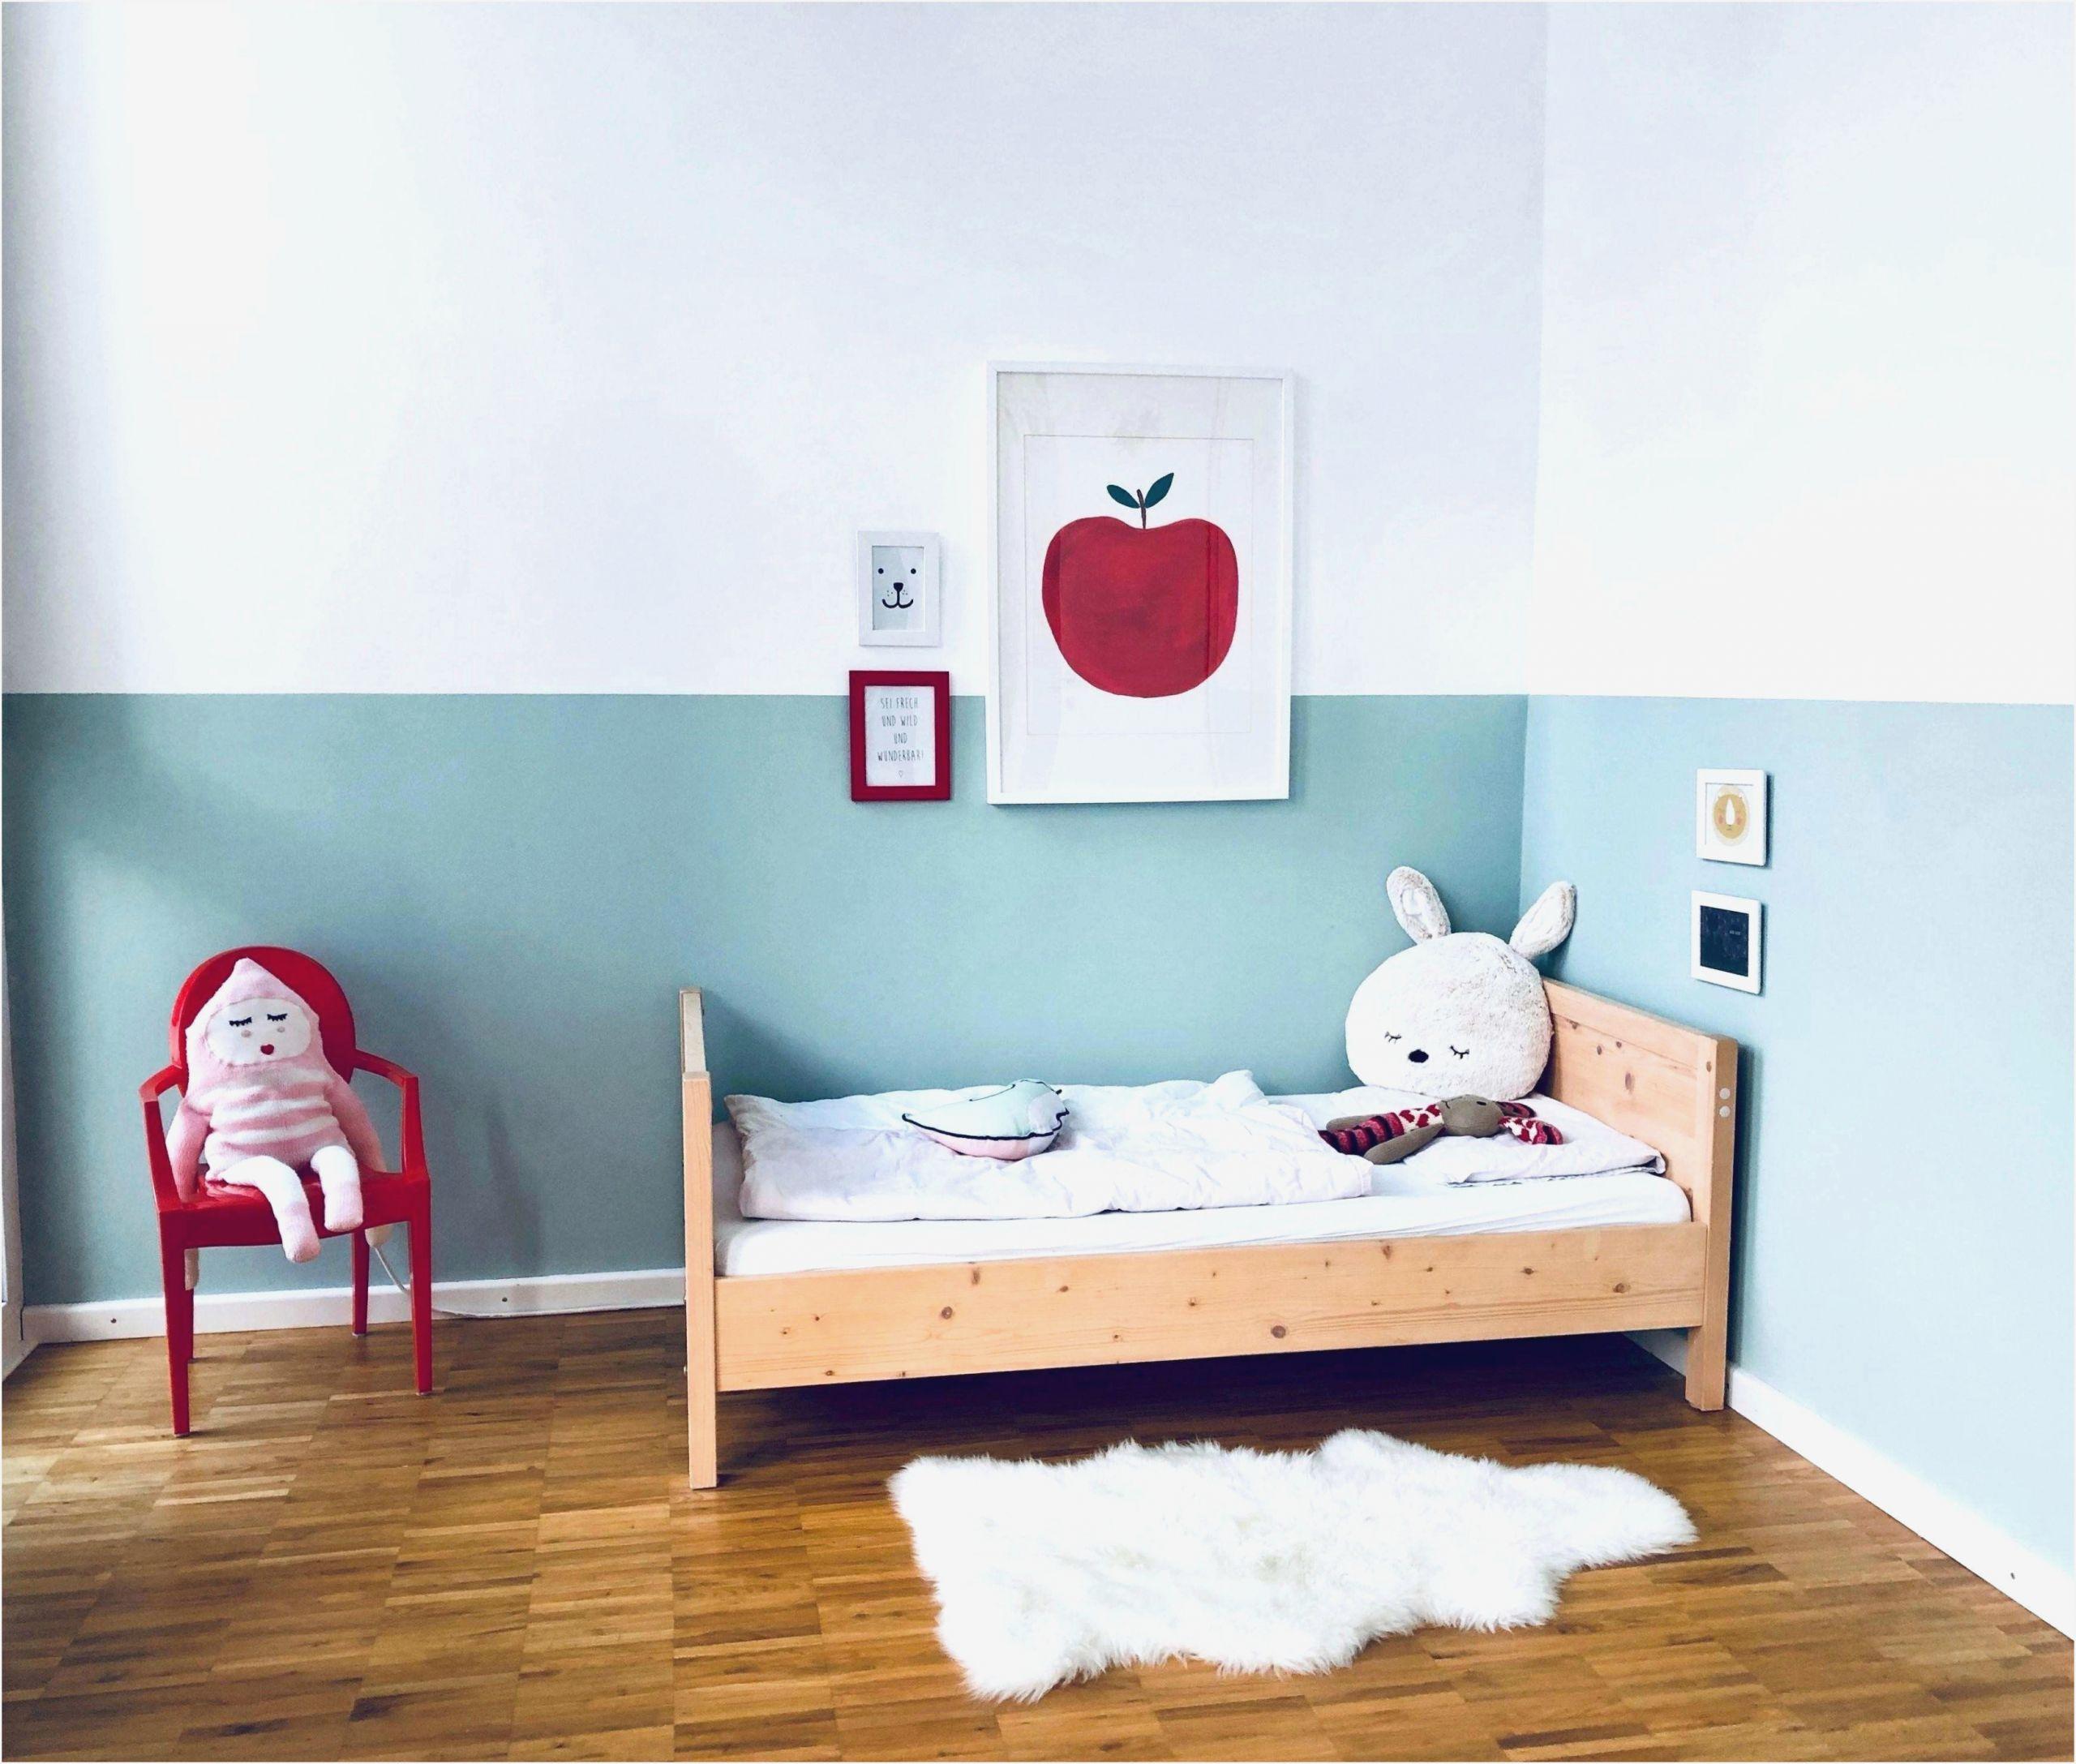 Full Size of Wandgestaltung Kinderzimmer Junge Fussball Sofa Regal Weiß Regale Wohnzimmer Wandgestaltung Kinderzimmer Jungen